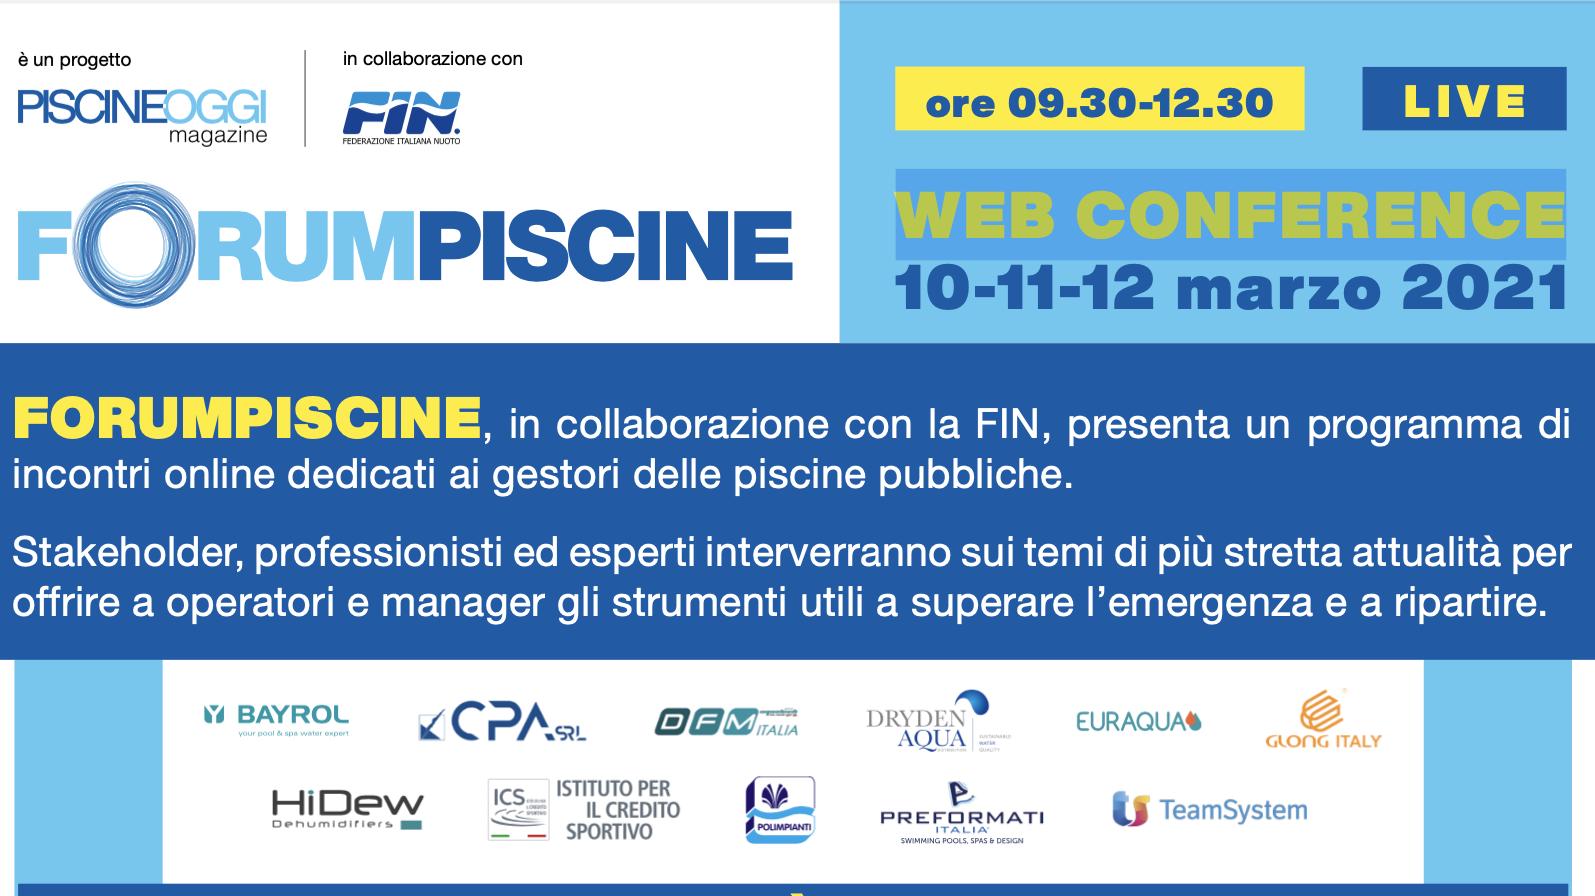 Forumpiscine, web conference in collaborazione con Federnuoto